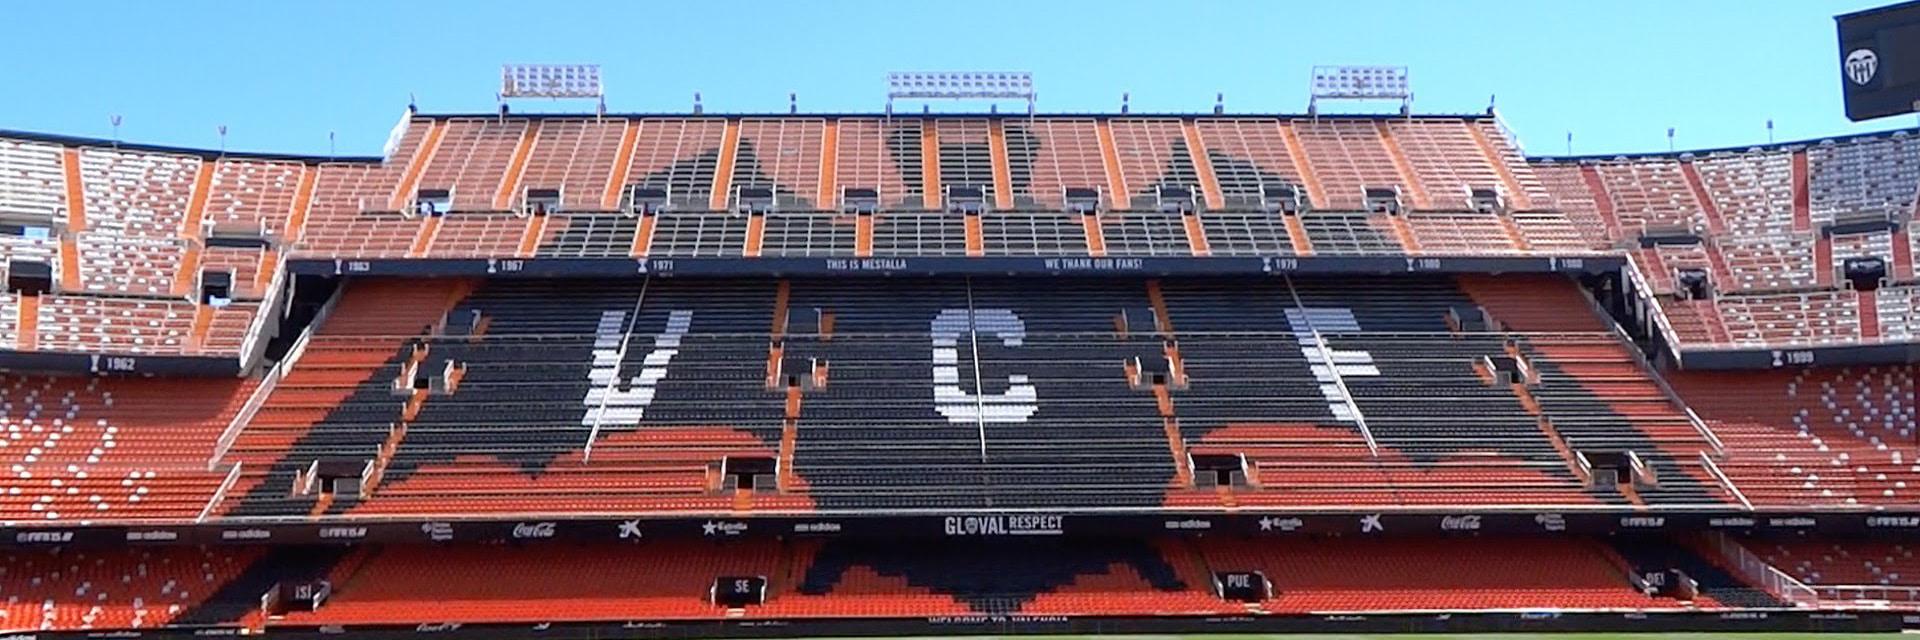 Valencia CF - RCD Espanyol, 0 meiom 0:00